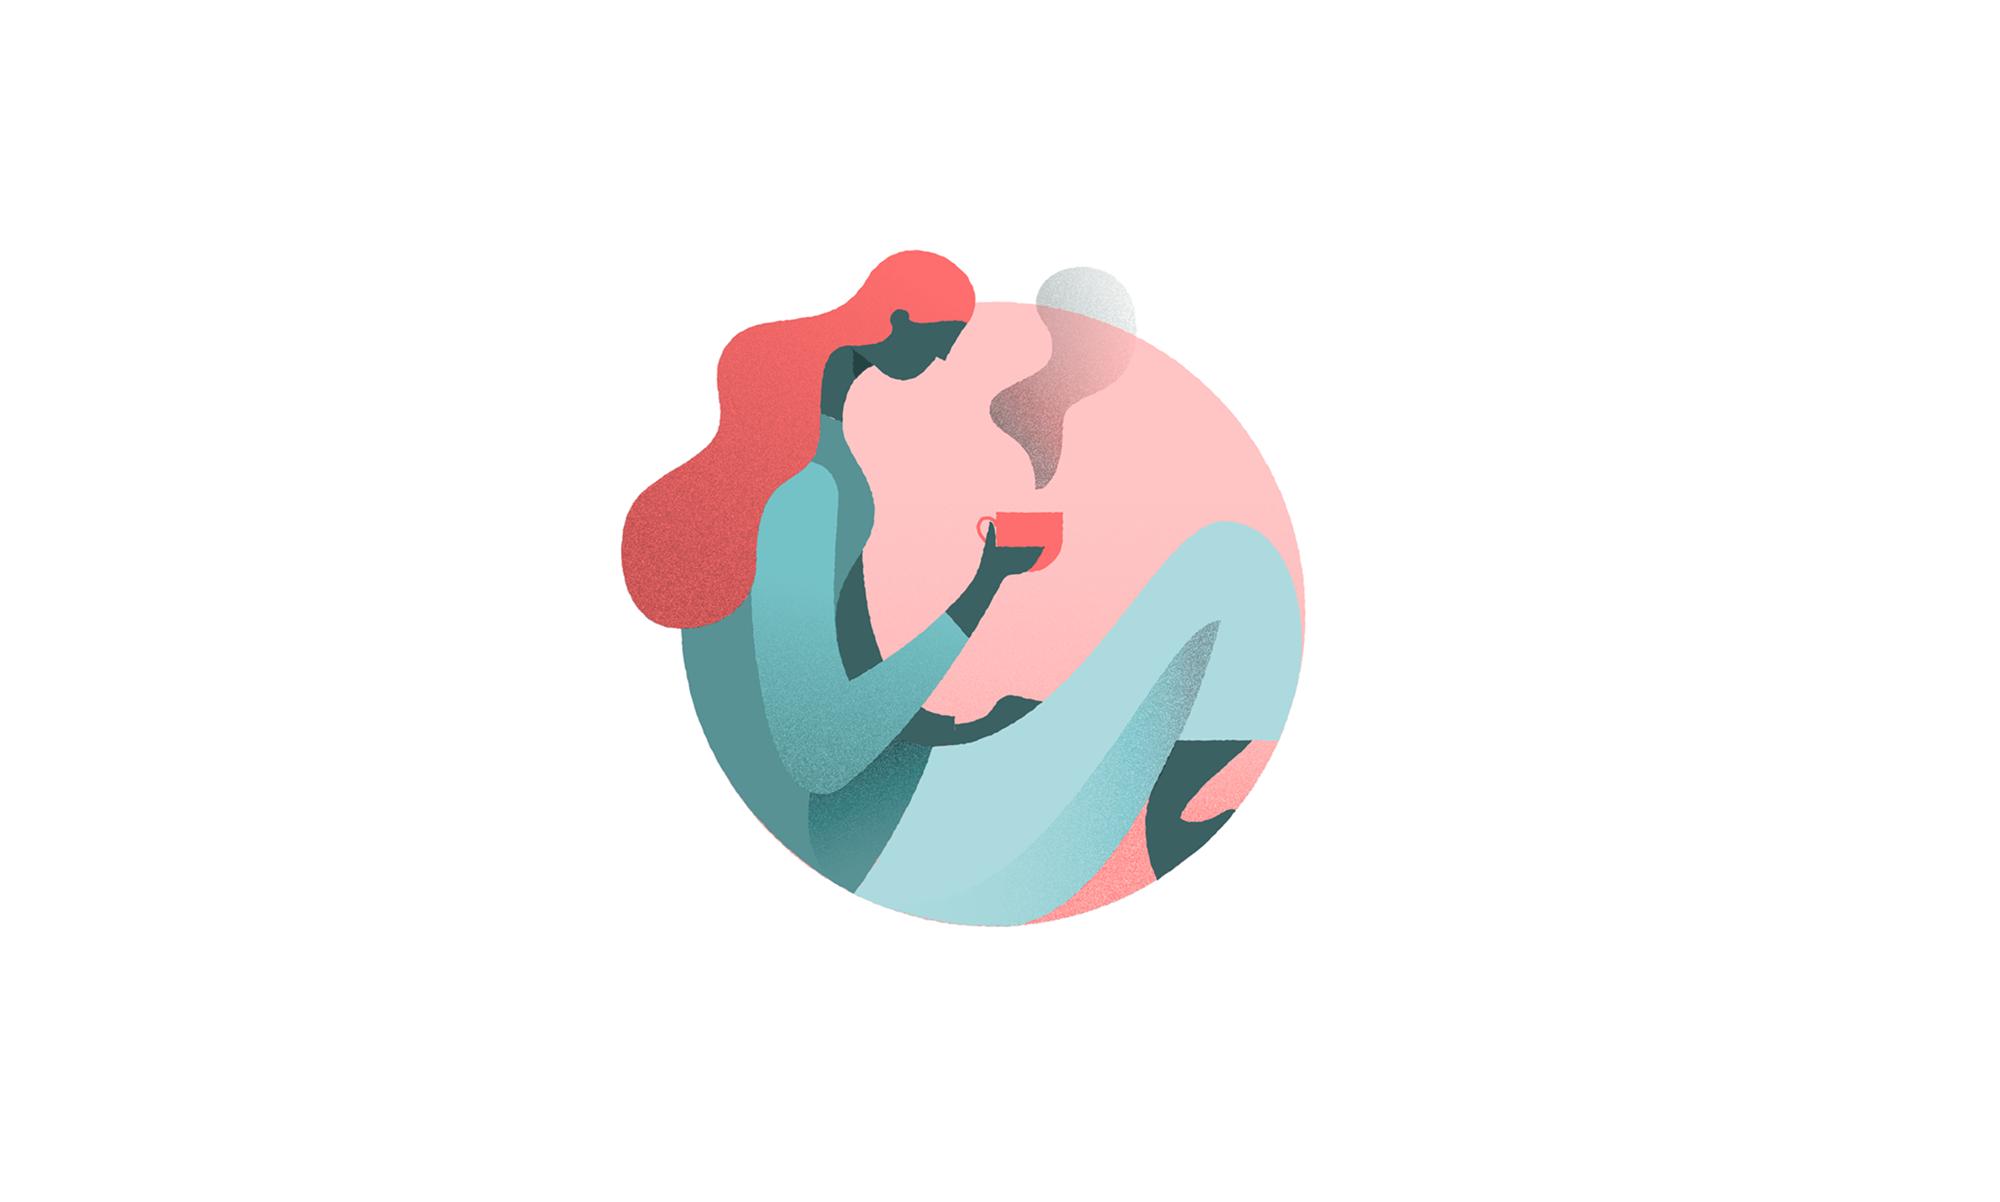 Le eleganti illustrazioni di Timo Kuilder | Collater.al 10